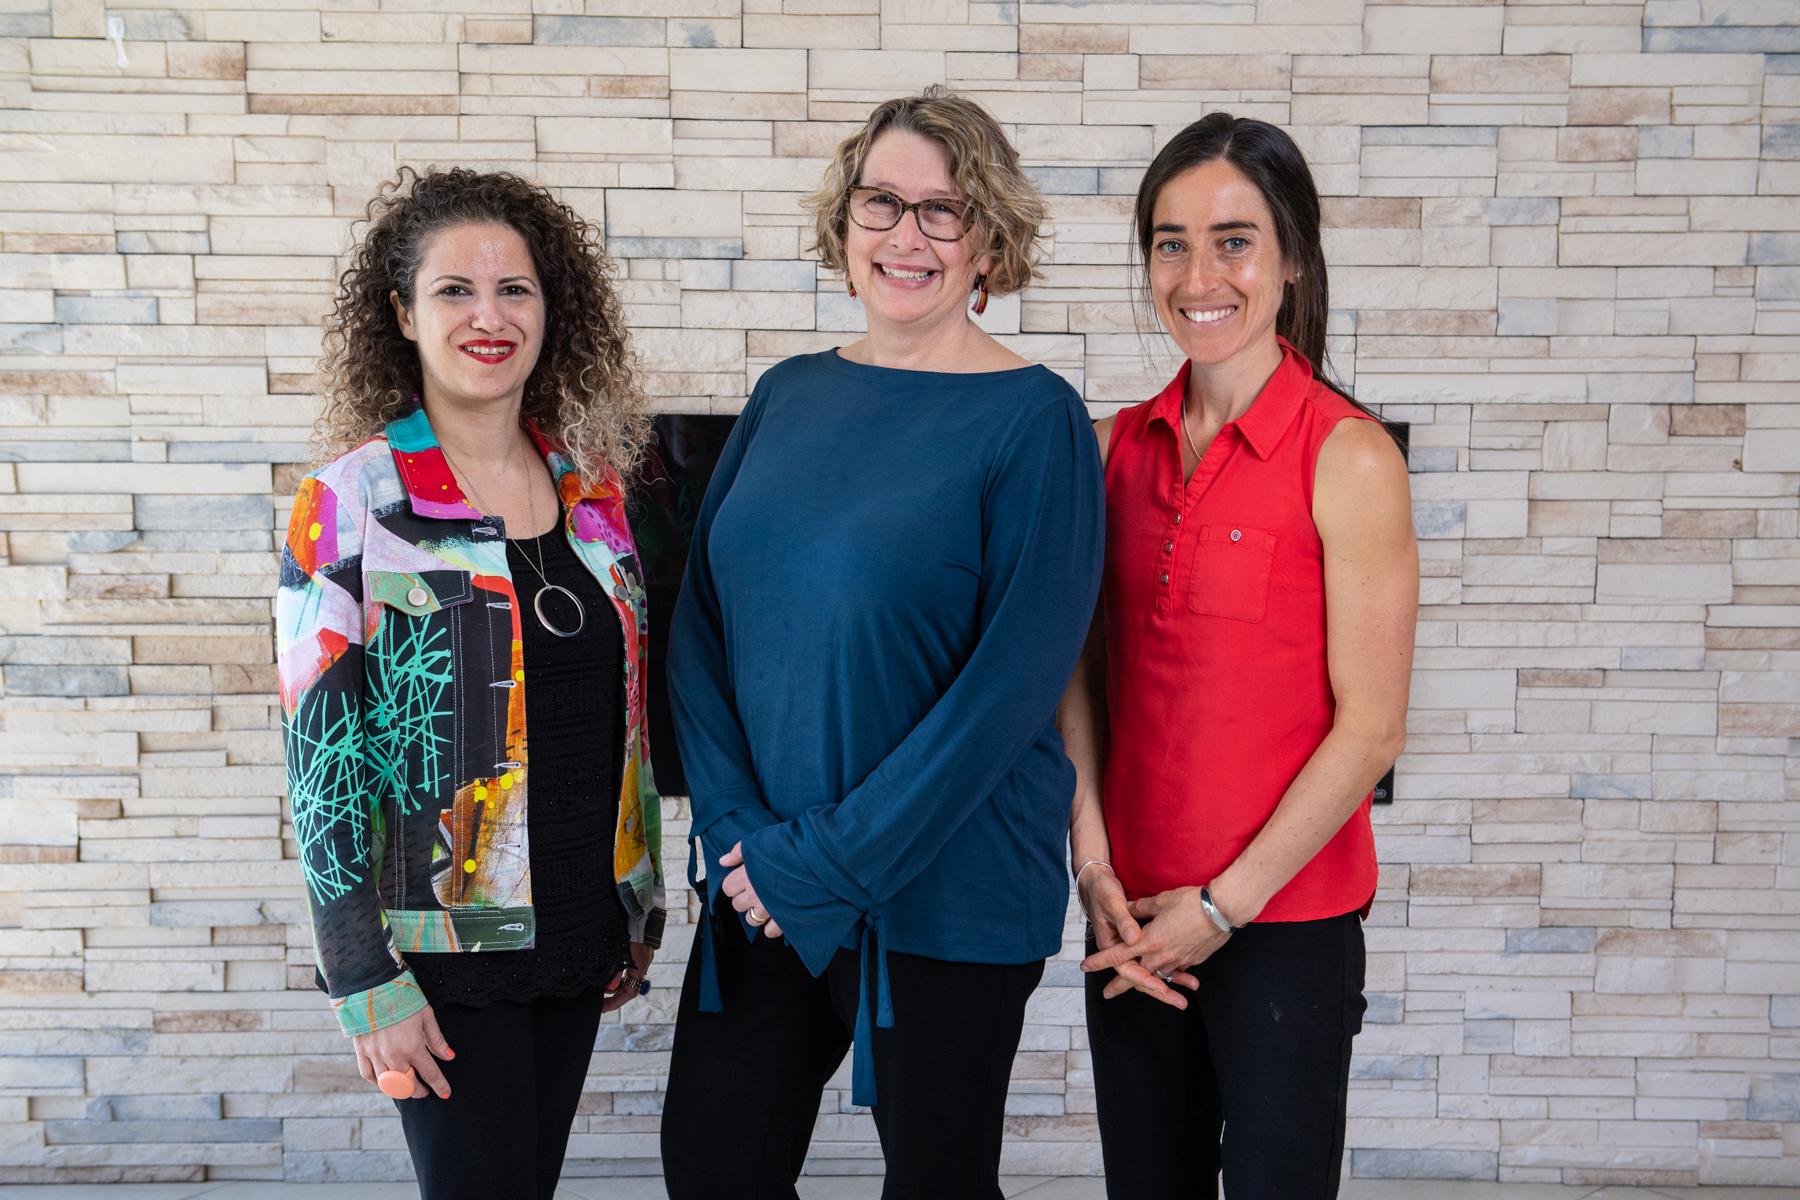 La Dre Rima Azar (co-directrice), la Dre Alison Luke (conseiller principal et associée de recherche), la Dre Shelley Doucet (co-directrice)